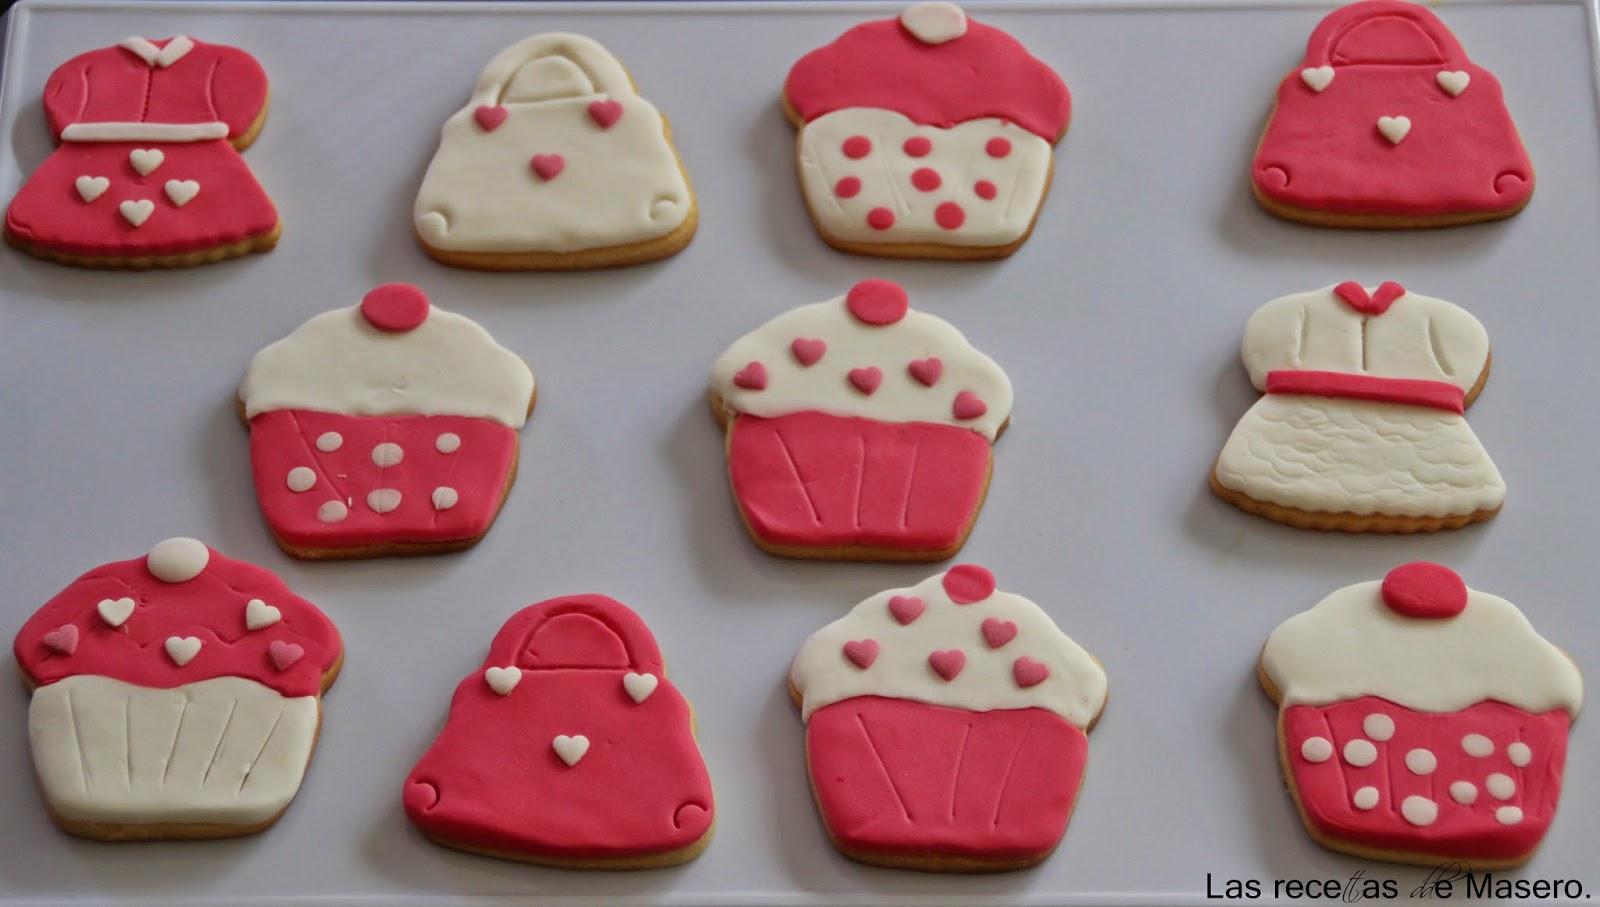 ... con fondant con unos cortadores de forma de bolso, vestido y cupcake